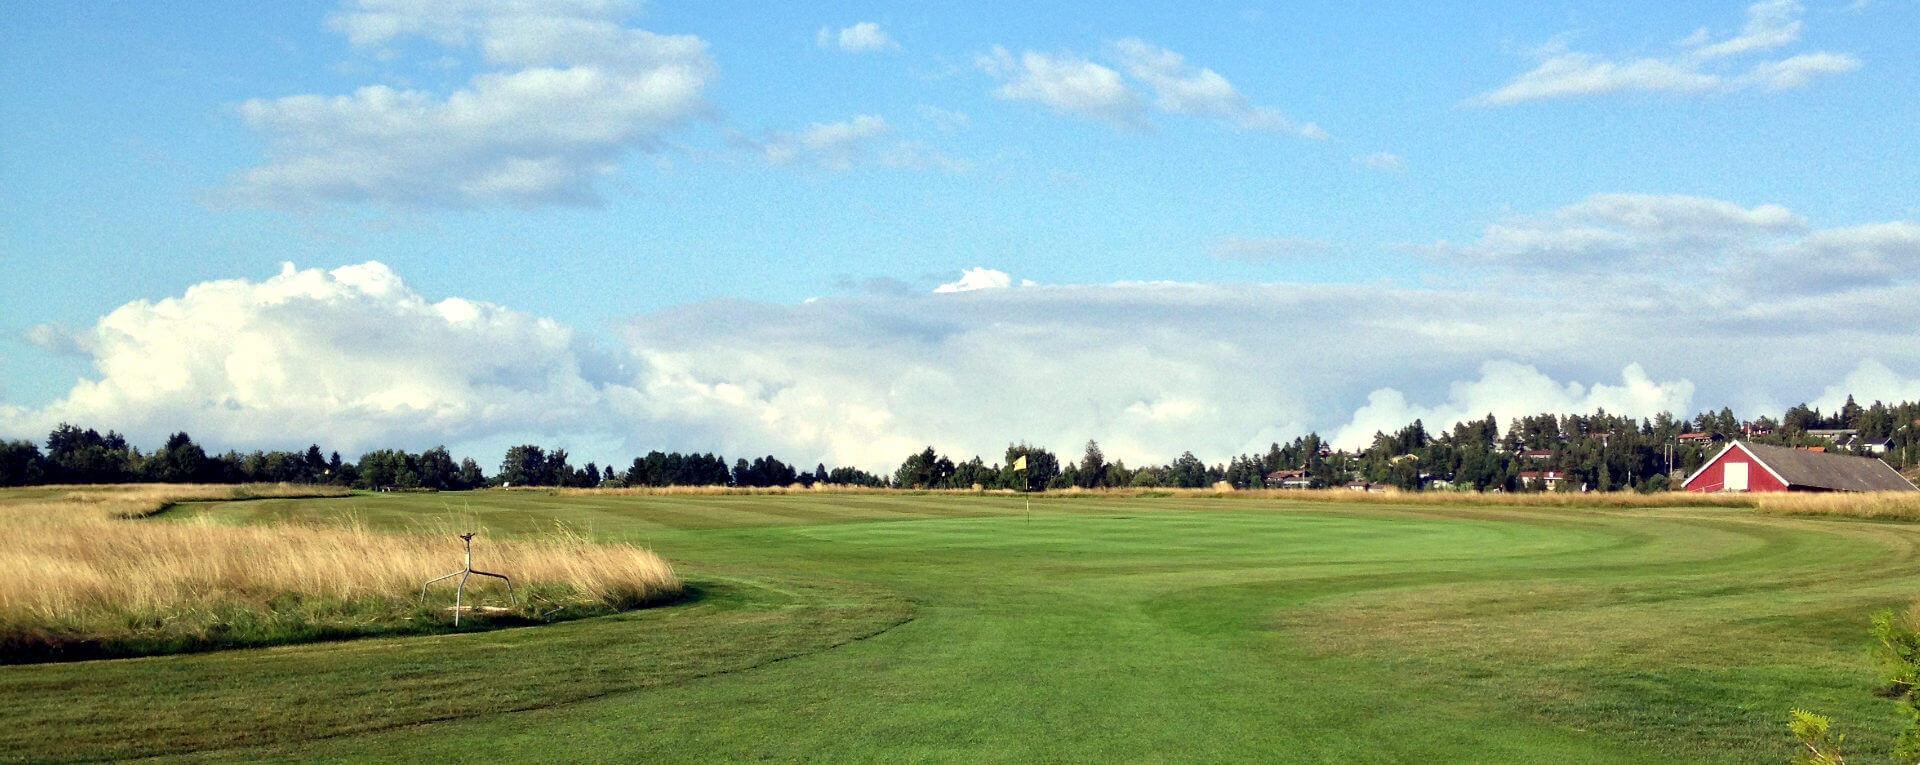 Fet Golfklubb